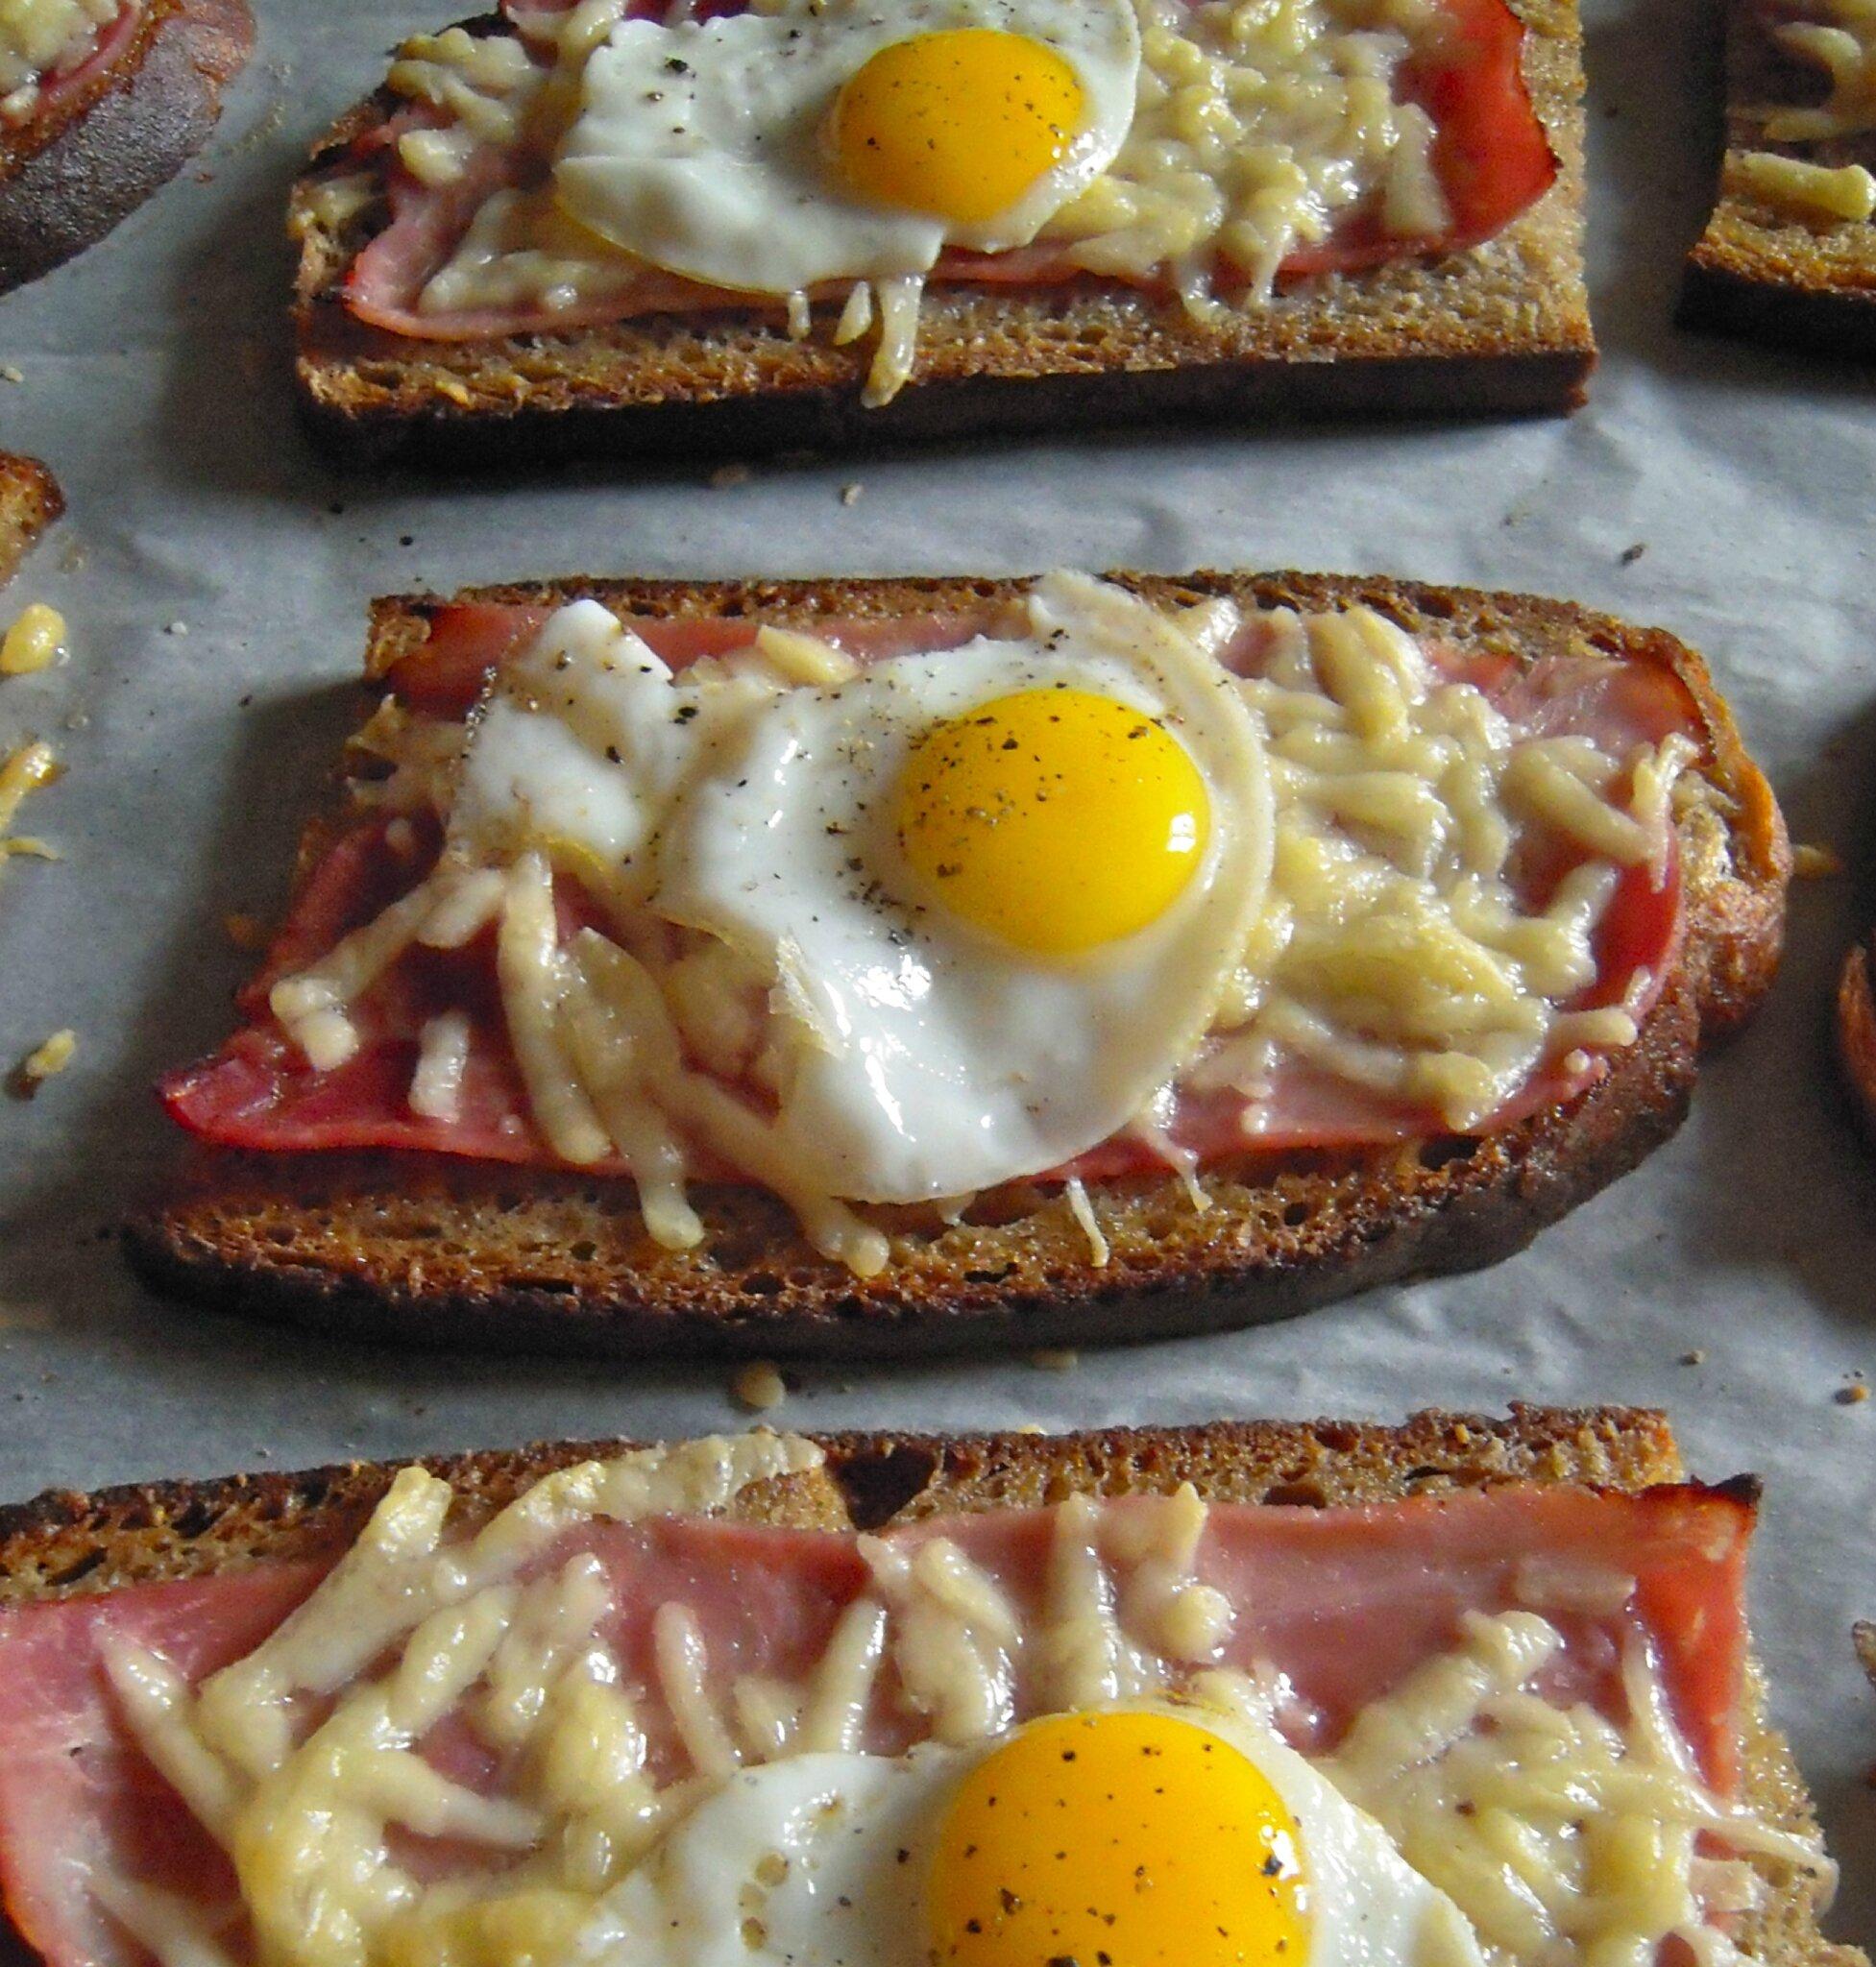 Tartines au pain Poilane façon croque-madame aux oeufs de caille